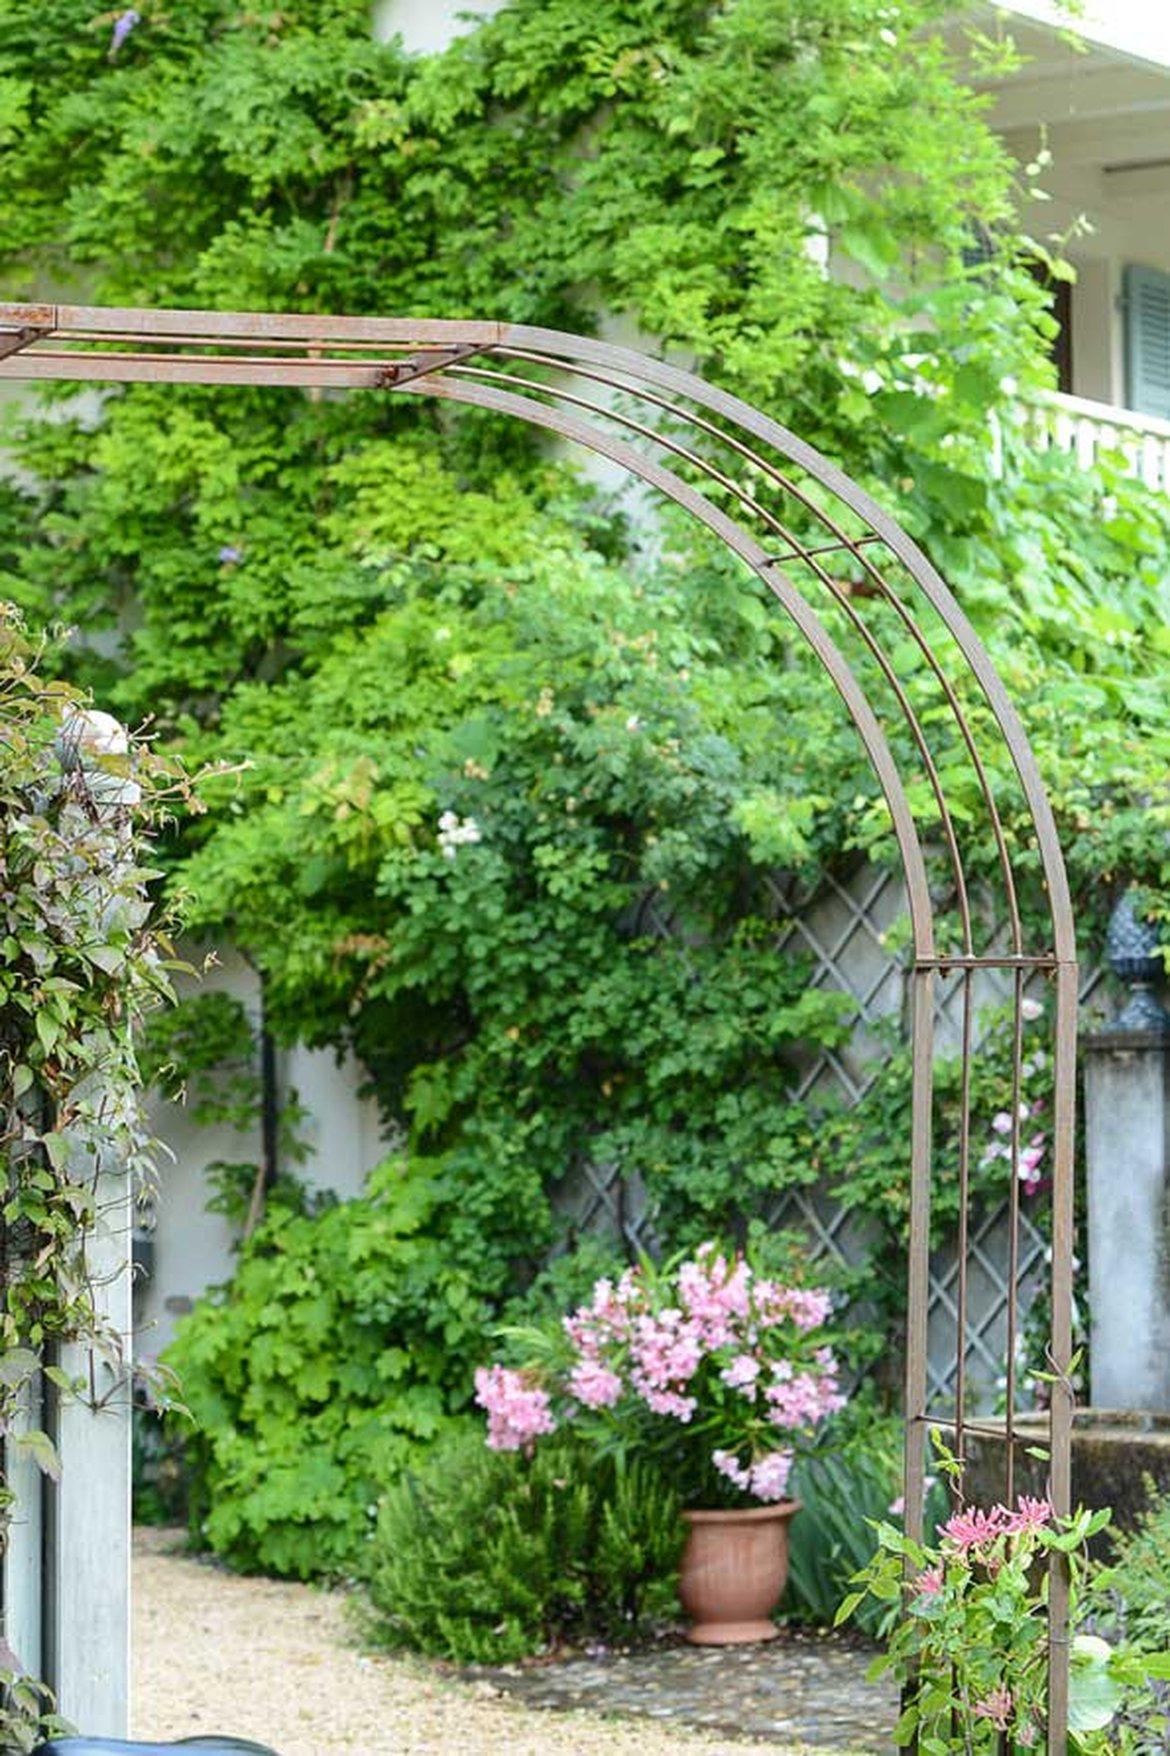 Repensez L'aménagement De Votre Jardin   Schilliger tout Arceaux Jardin